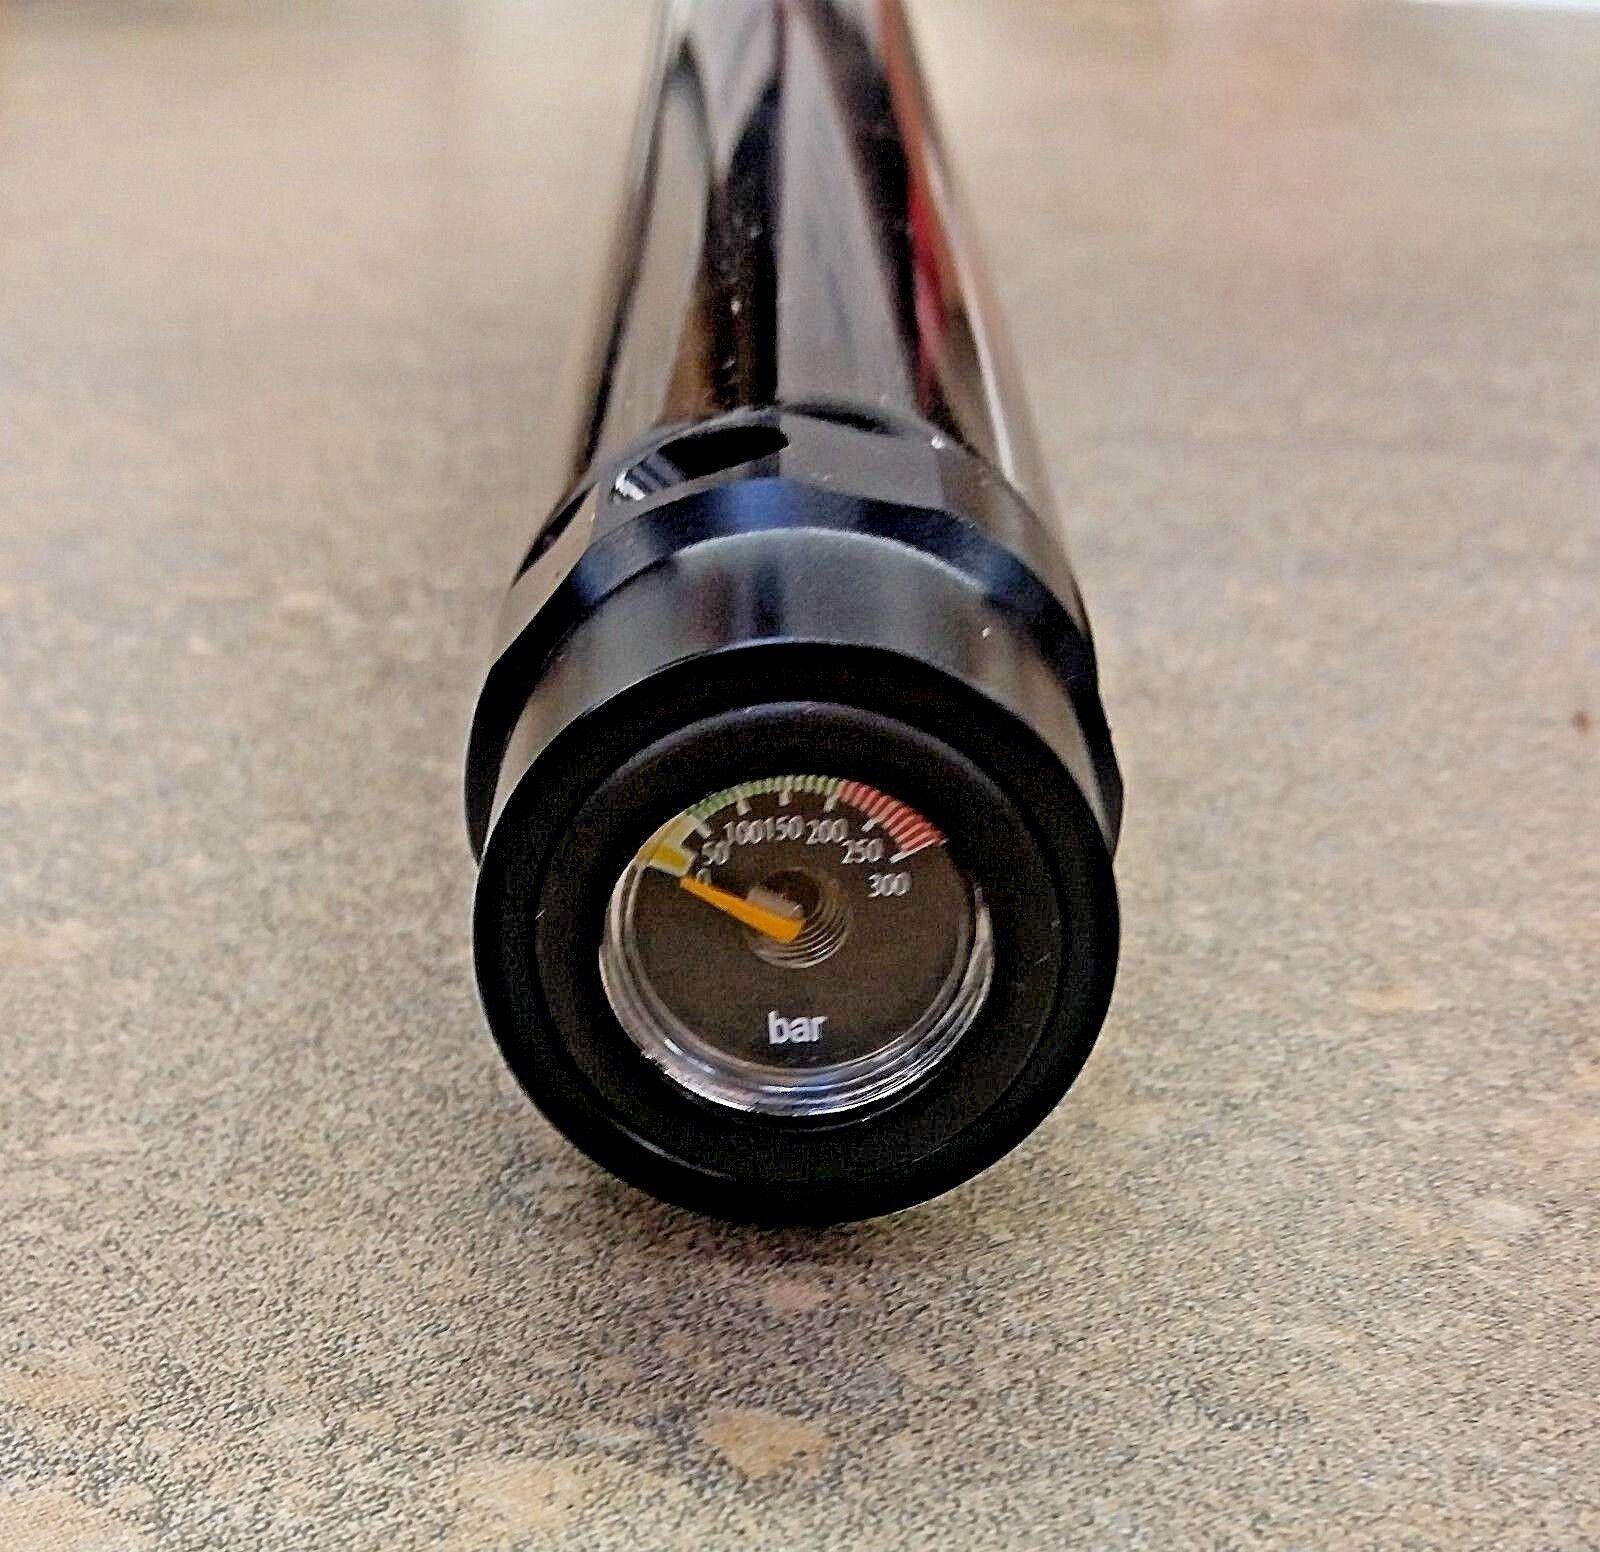 Cilindro de tubo de aire Fentons ligero para adaptarse Weihrauch HW100 Completa